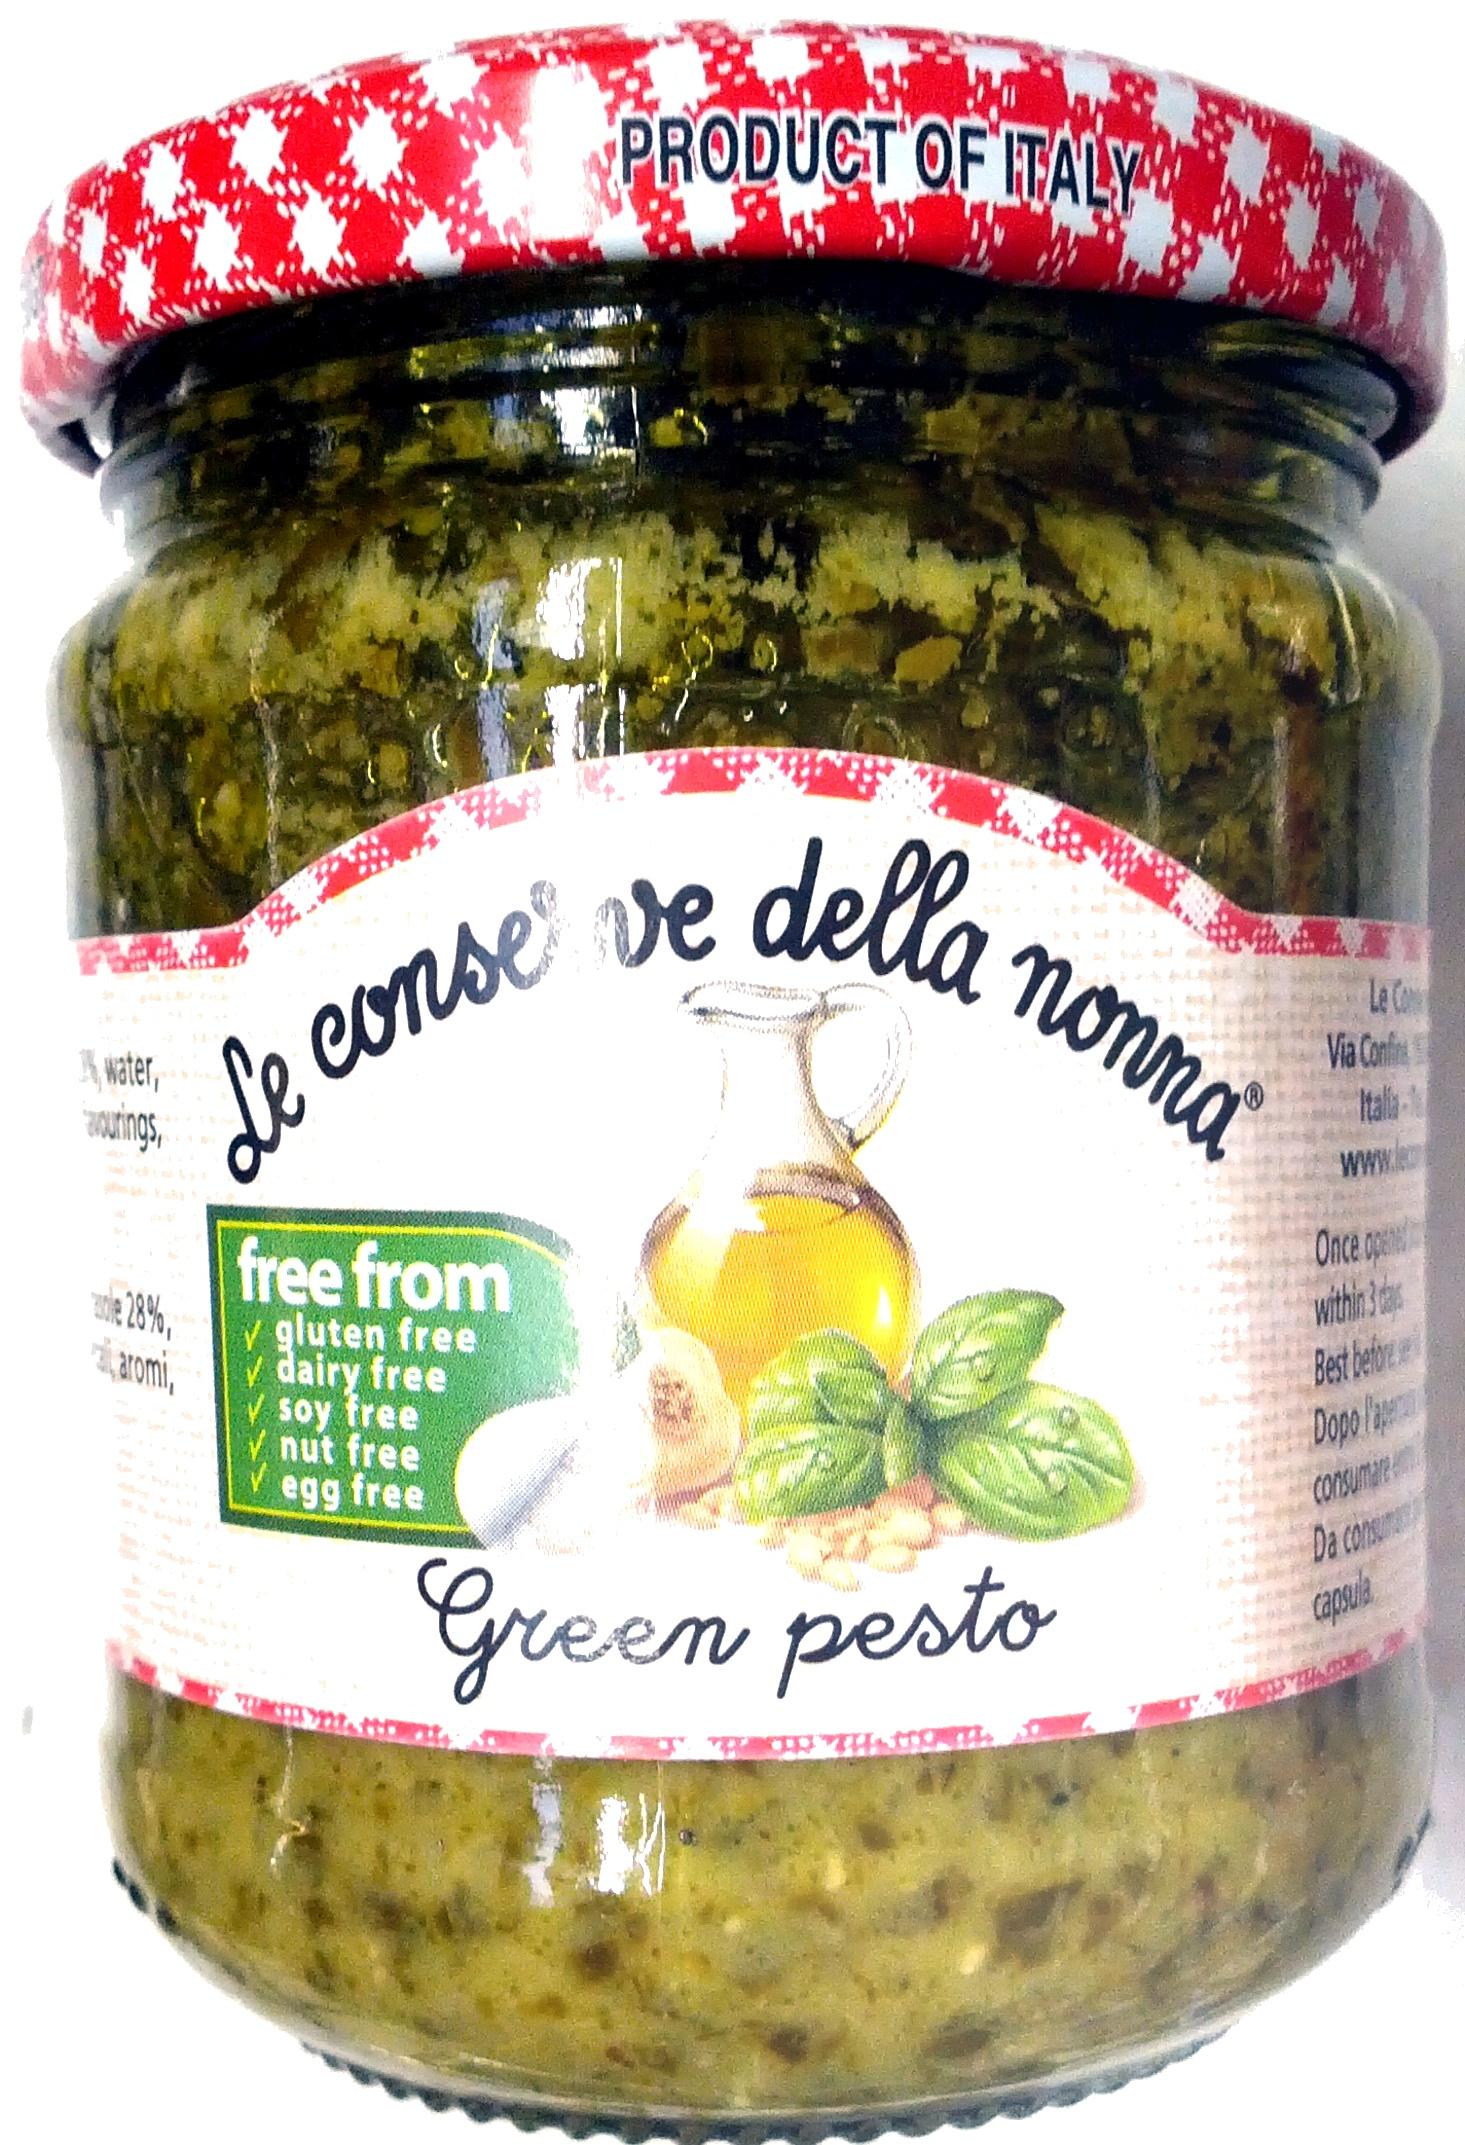 Green Pesto - Produit